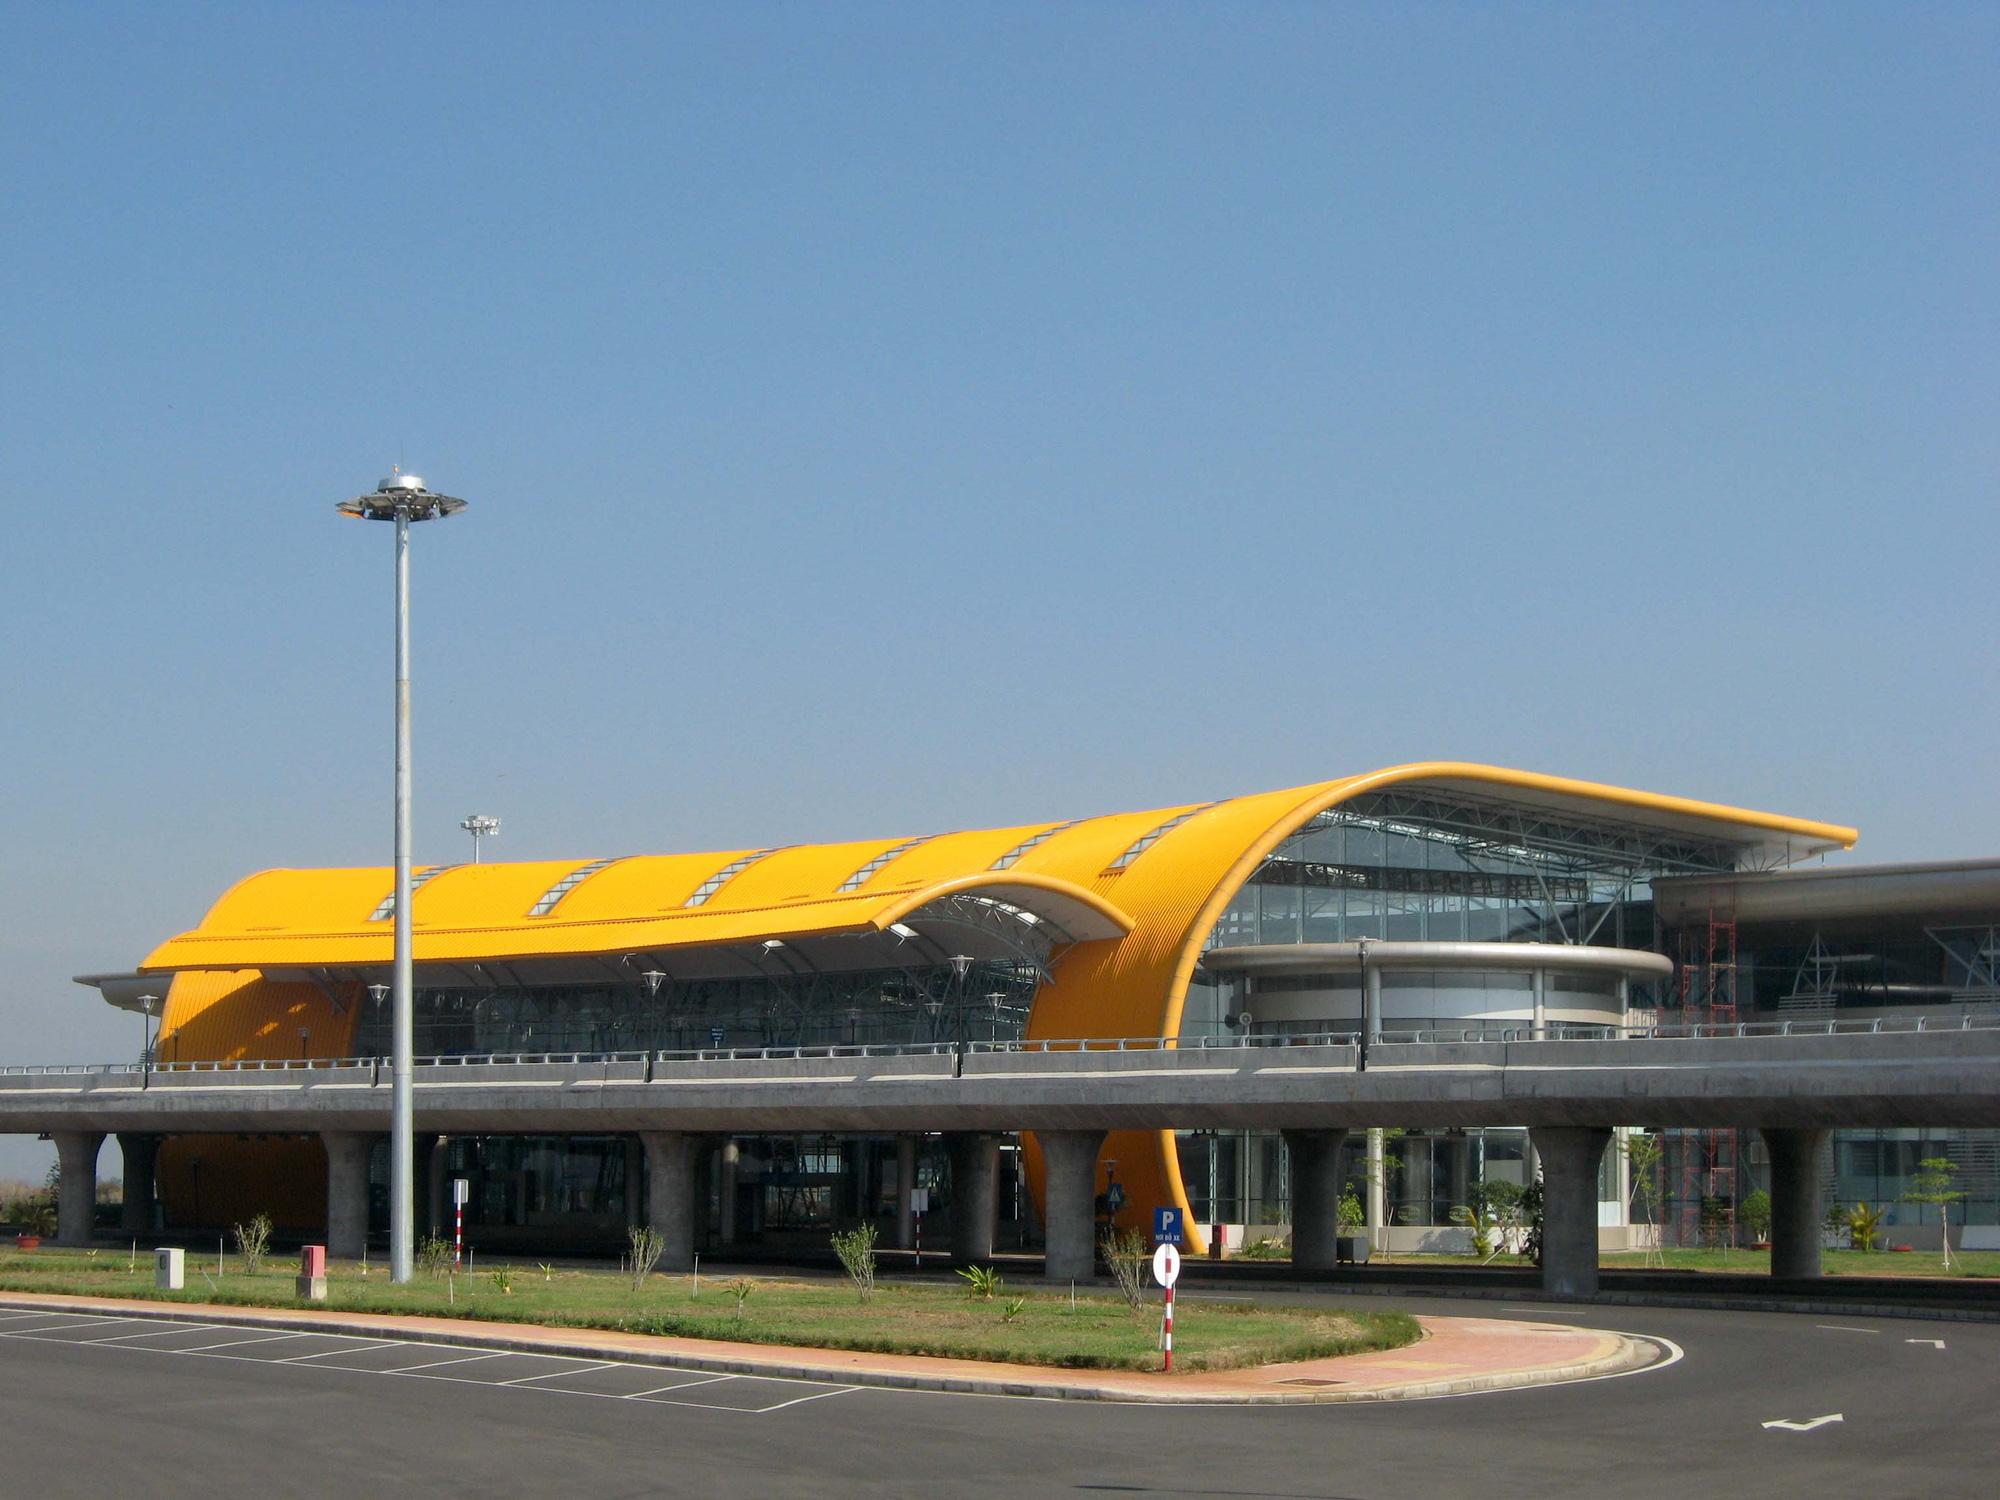 Bỏ túi kinh nghiệm du lịch Đà Lạt mùa hè 2021 - Ảnh 3.